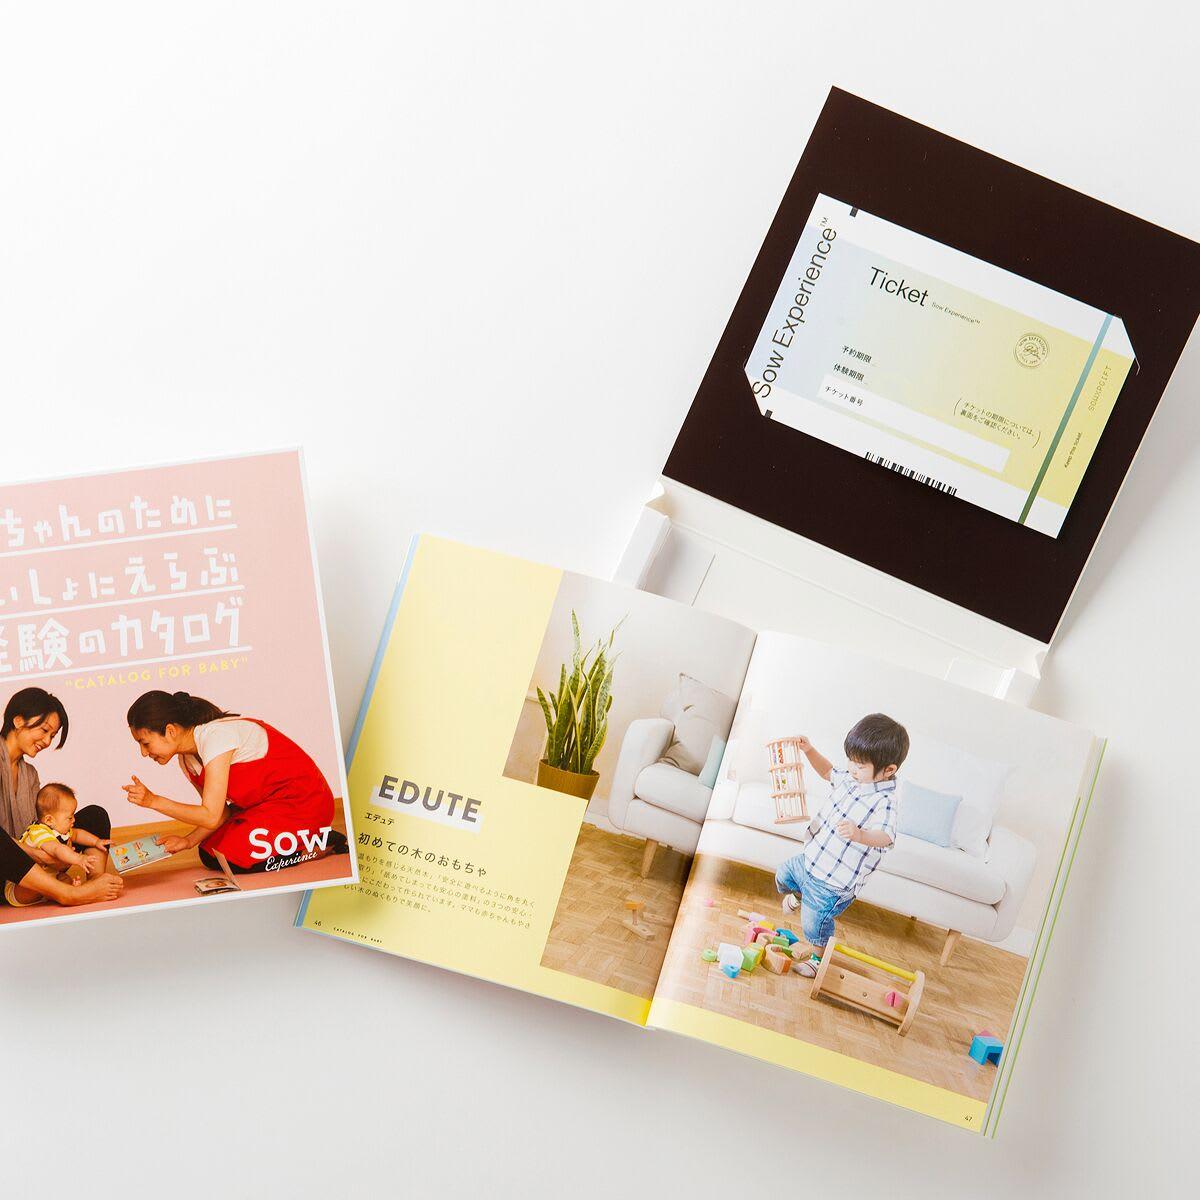 体験ギフト・赤ちゃんのためにさいしょにえらぶ経験のカタログ  CATALOG FOR BABY ガイドブックとチケットをセットしオリジナルBOXに入れてお届け